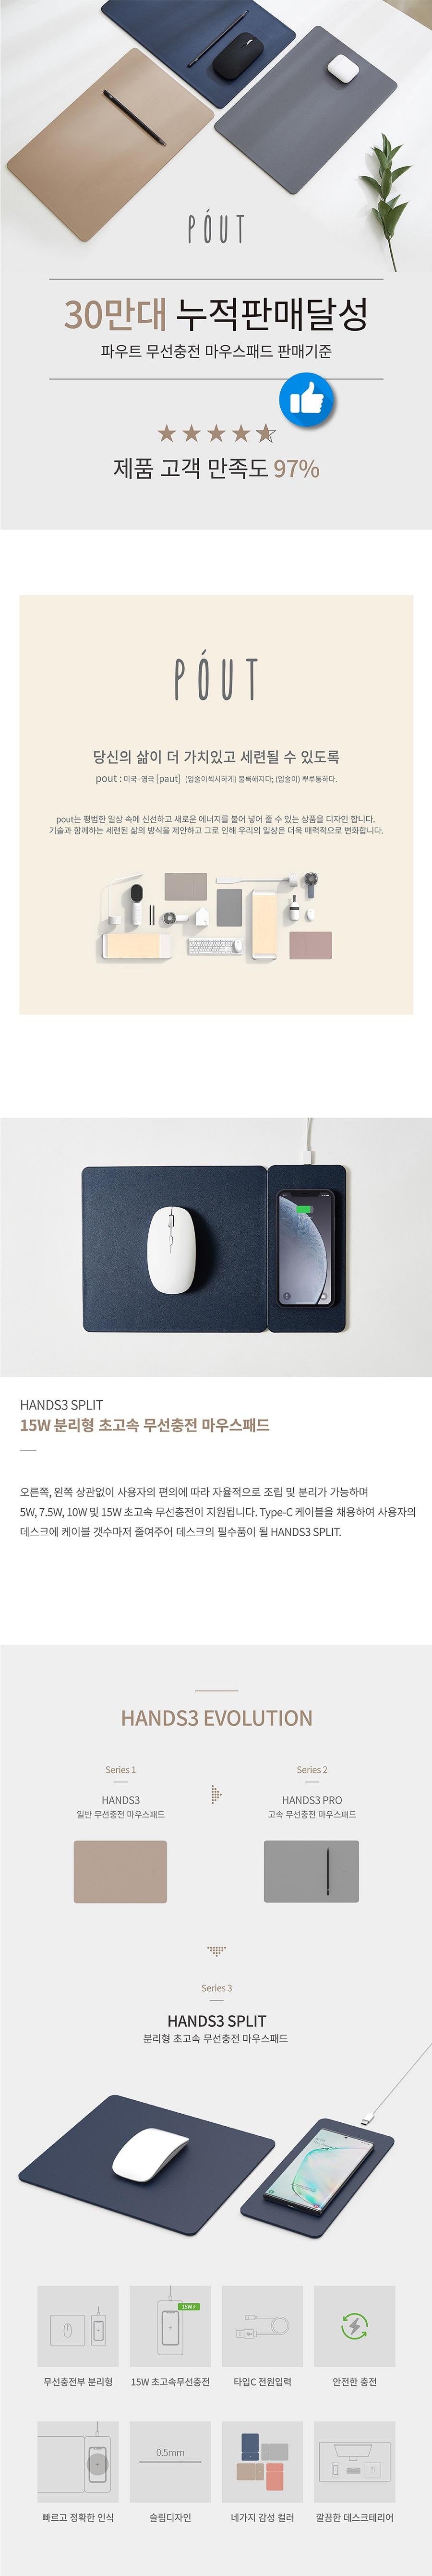 브로스앤컴퍼니  파우트 HANDS3 SPLIT 초고속무선충전 마우스패드(라떼크림)